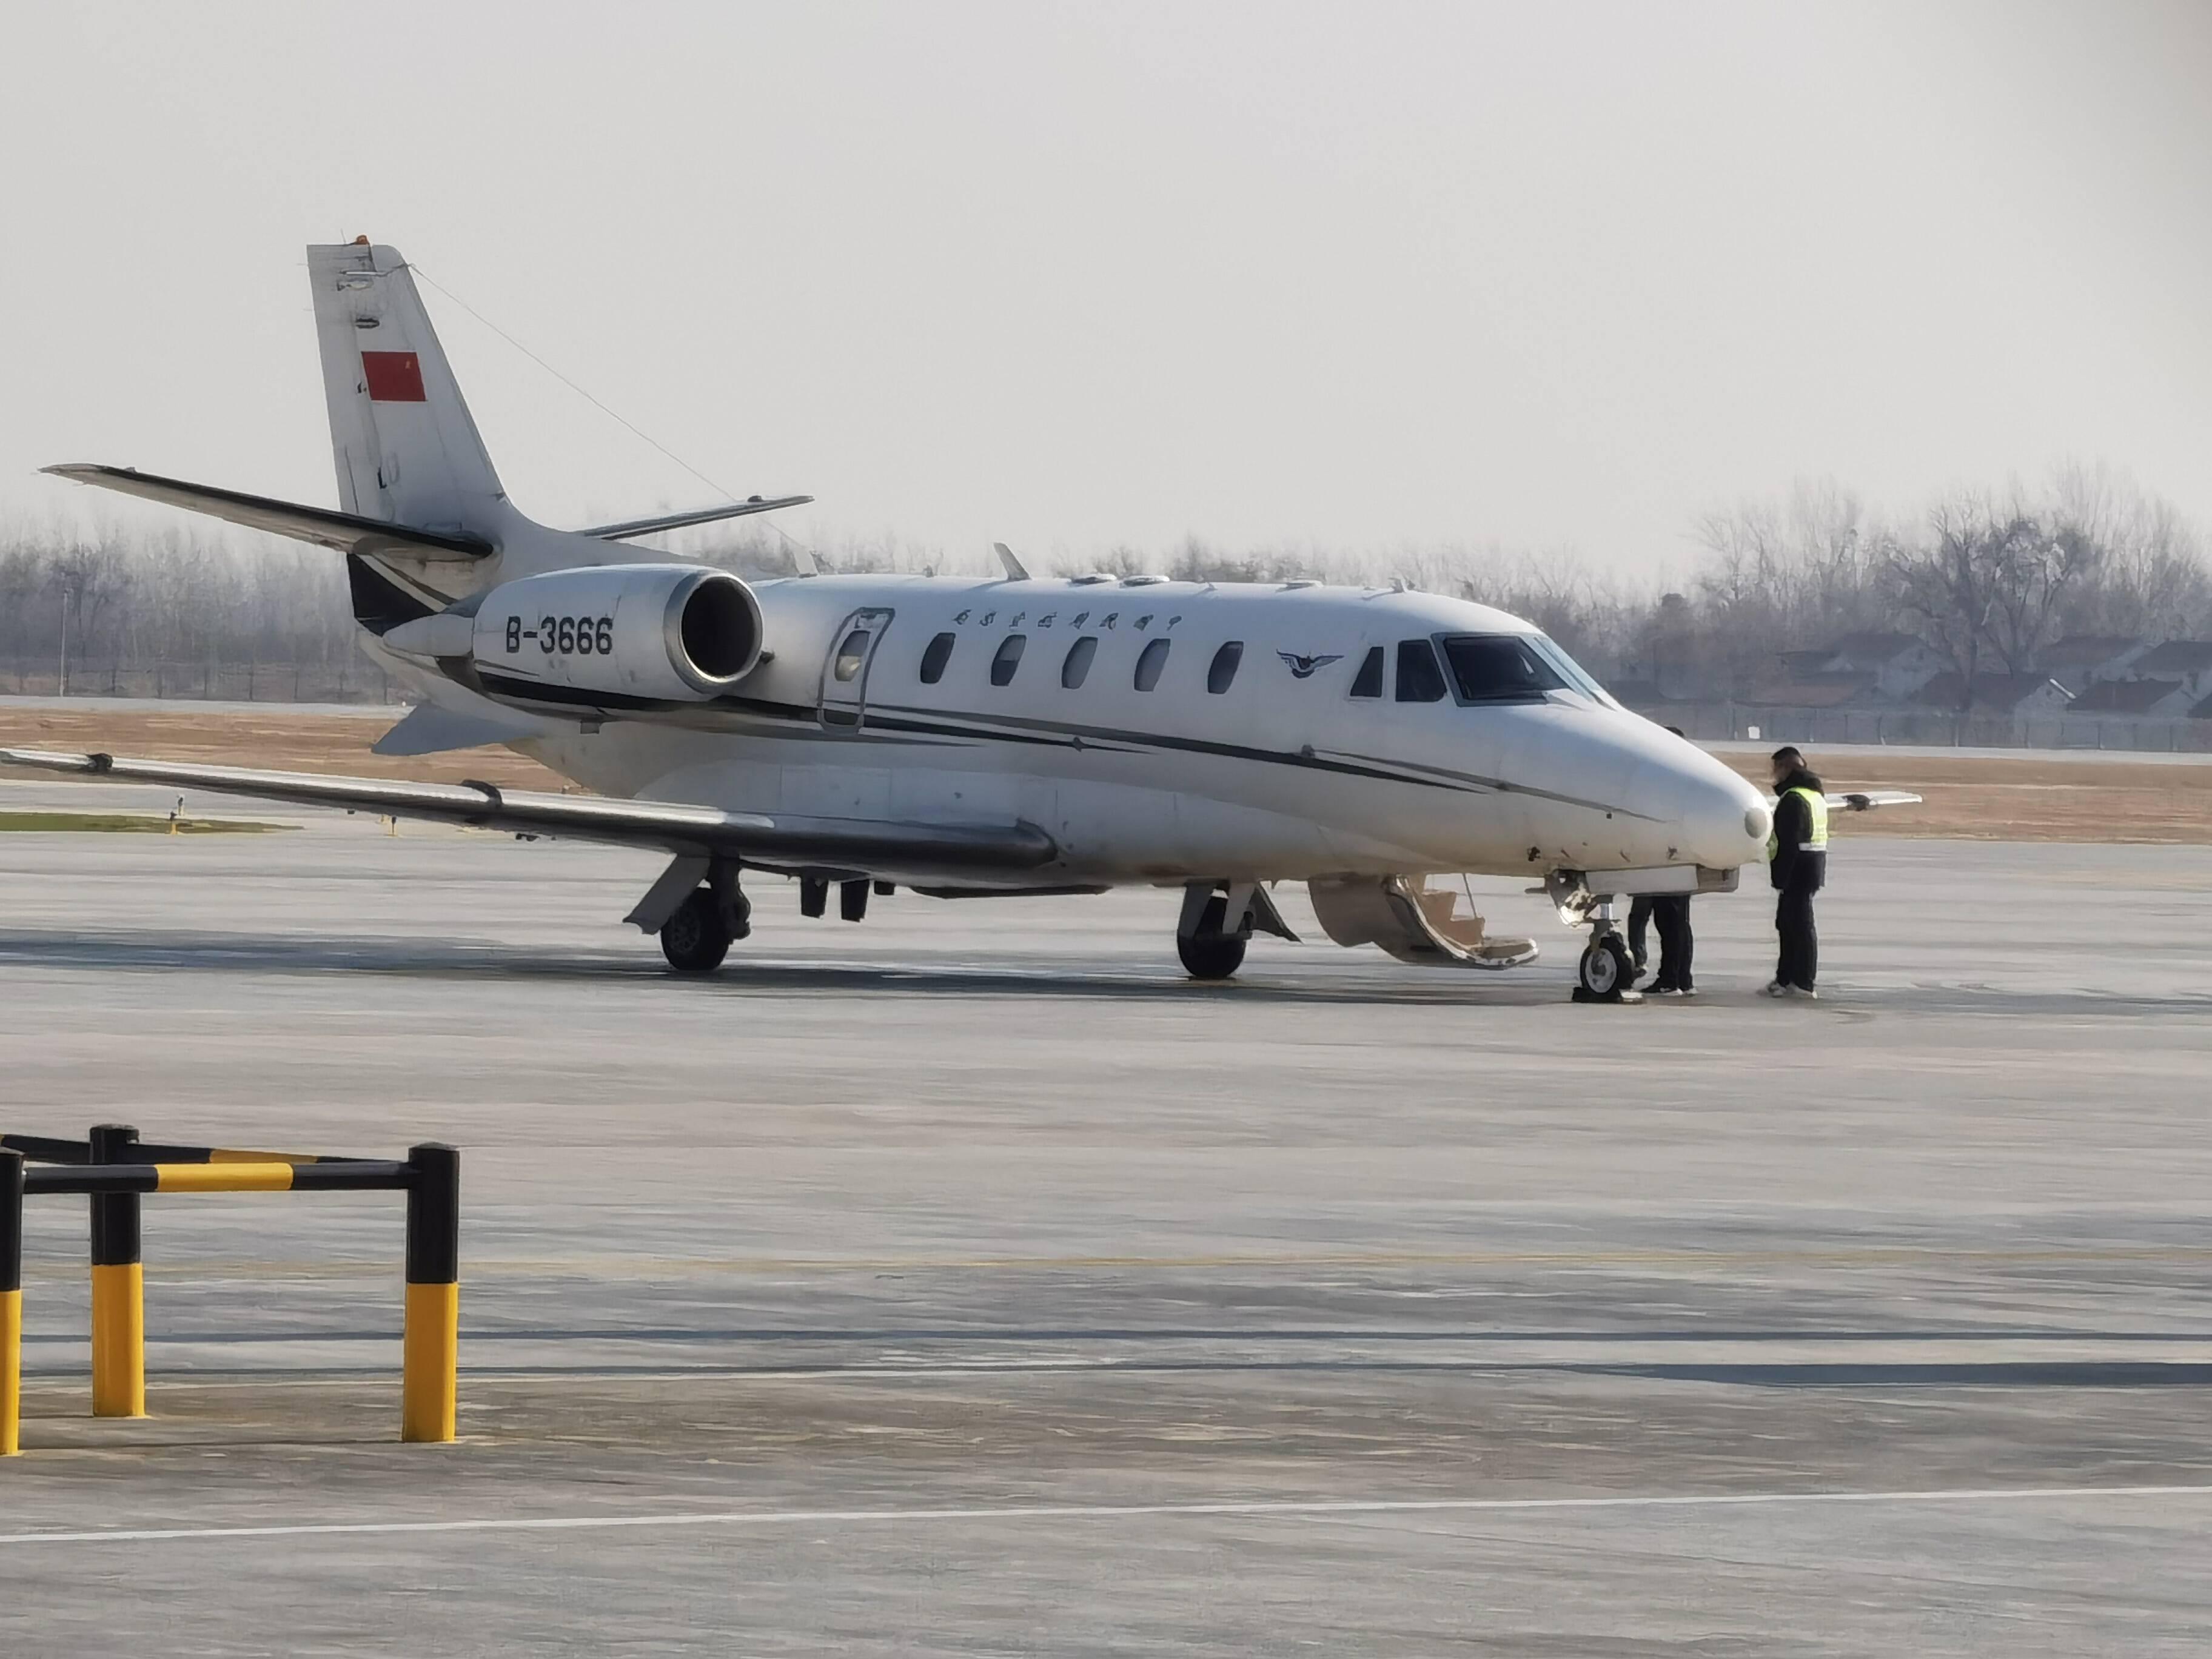 菏泽牡丹机场航线正式公布 首开10条航线连接国内17座城市